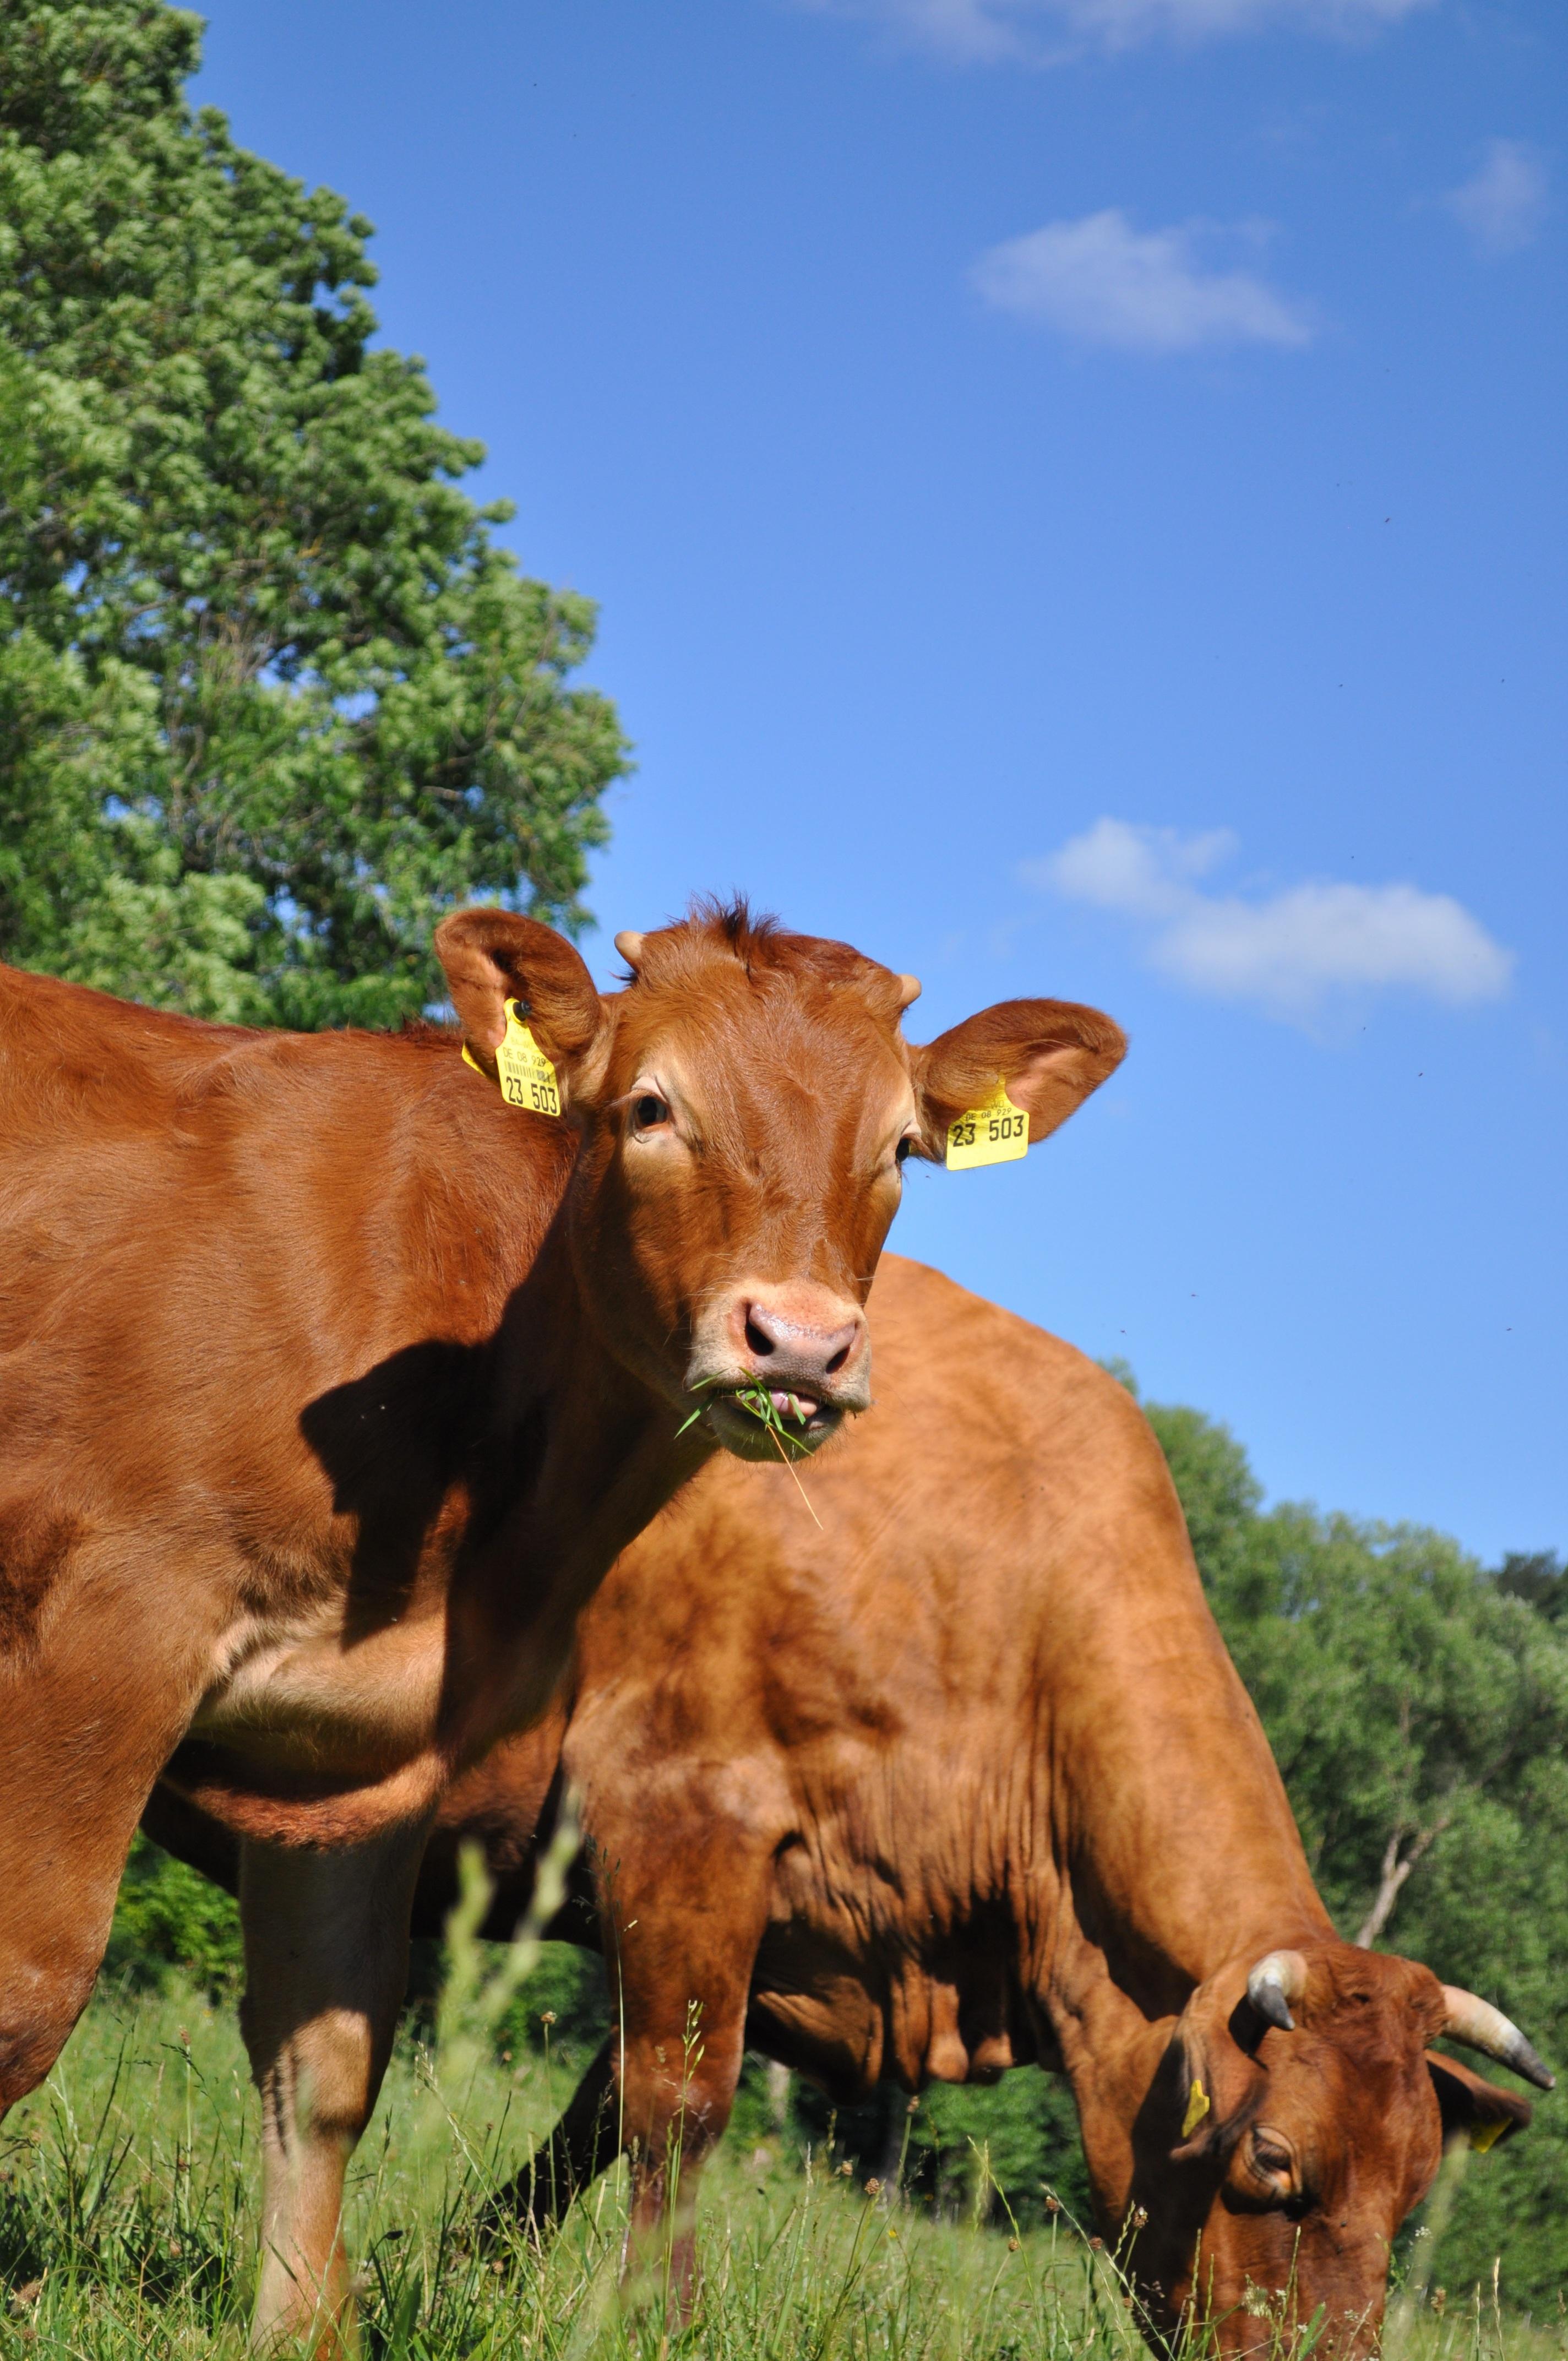 Fotoğraf çimen Alan çiftlik çayır Sığırlar Sürü Otlak